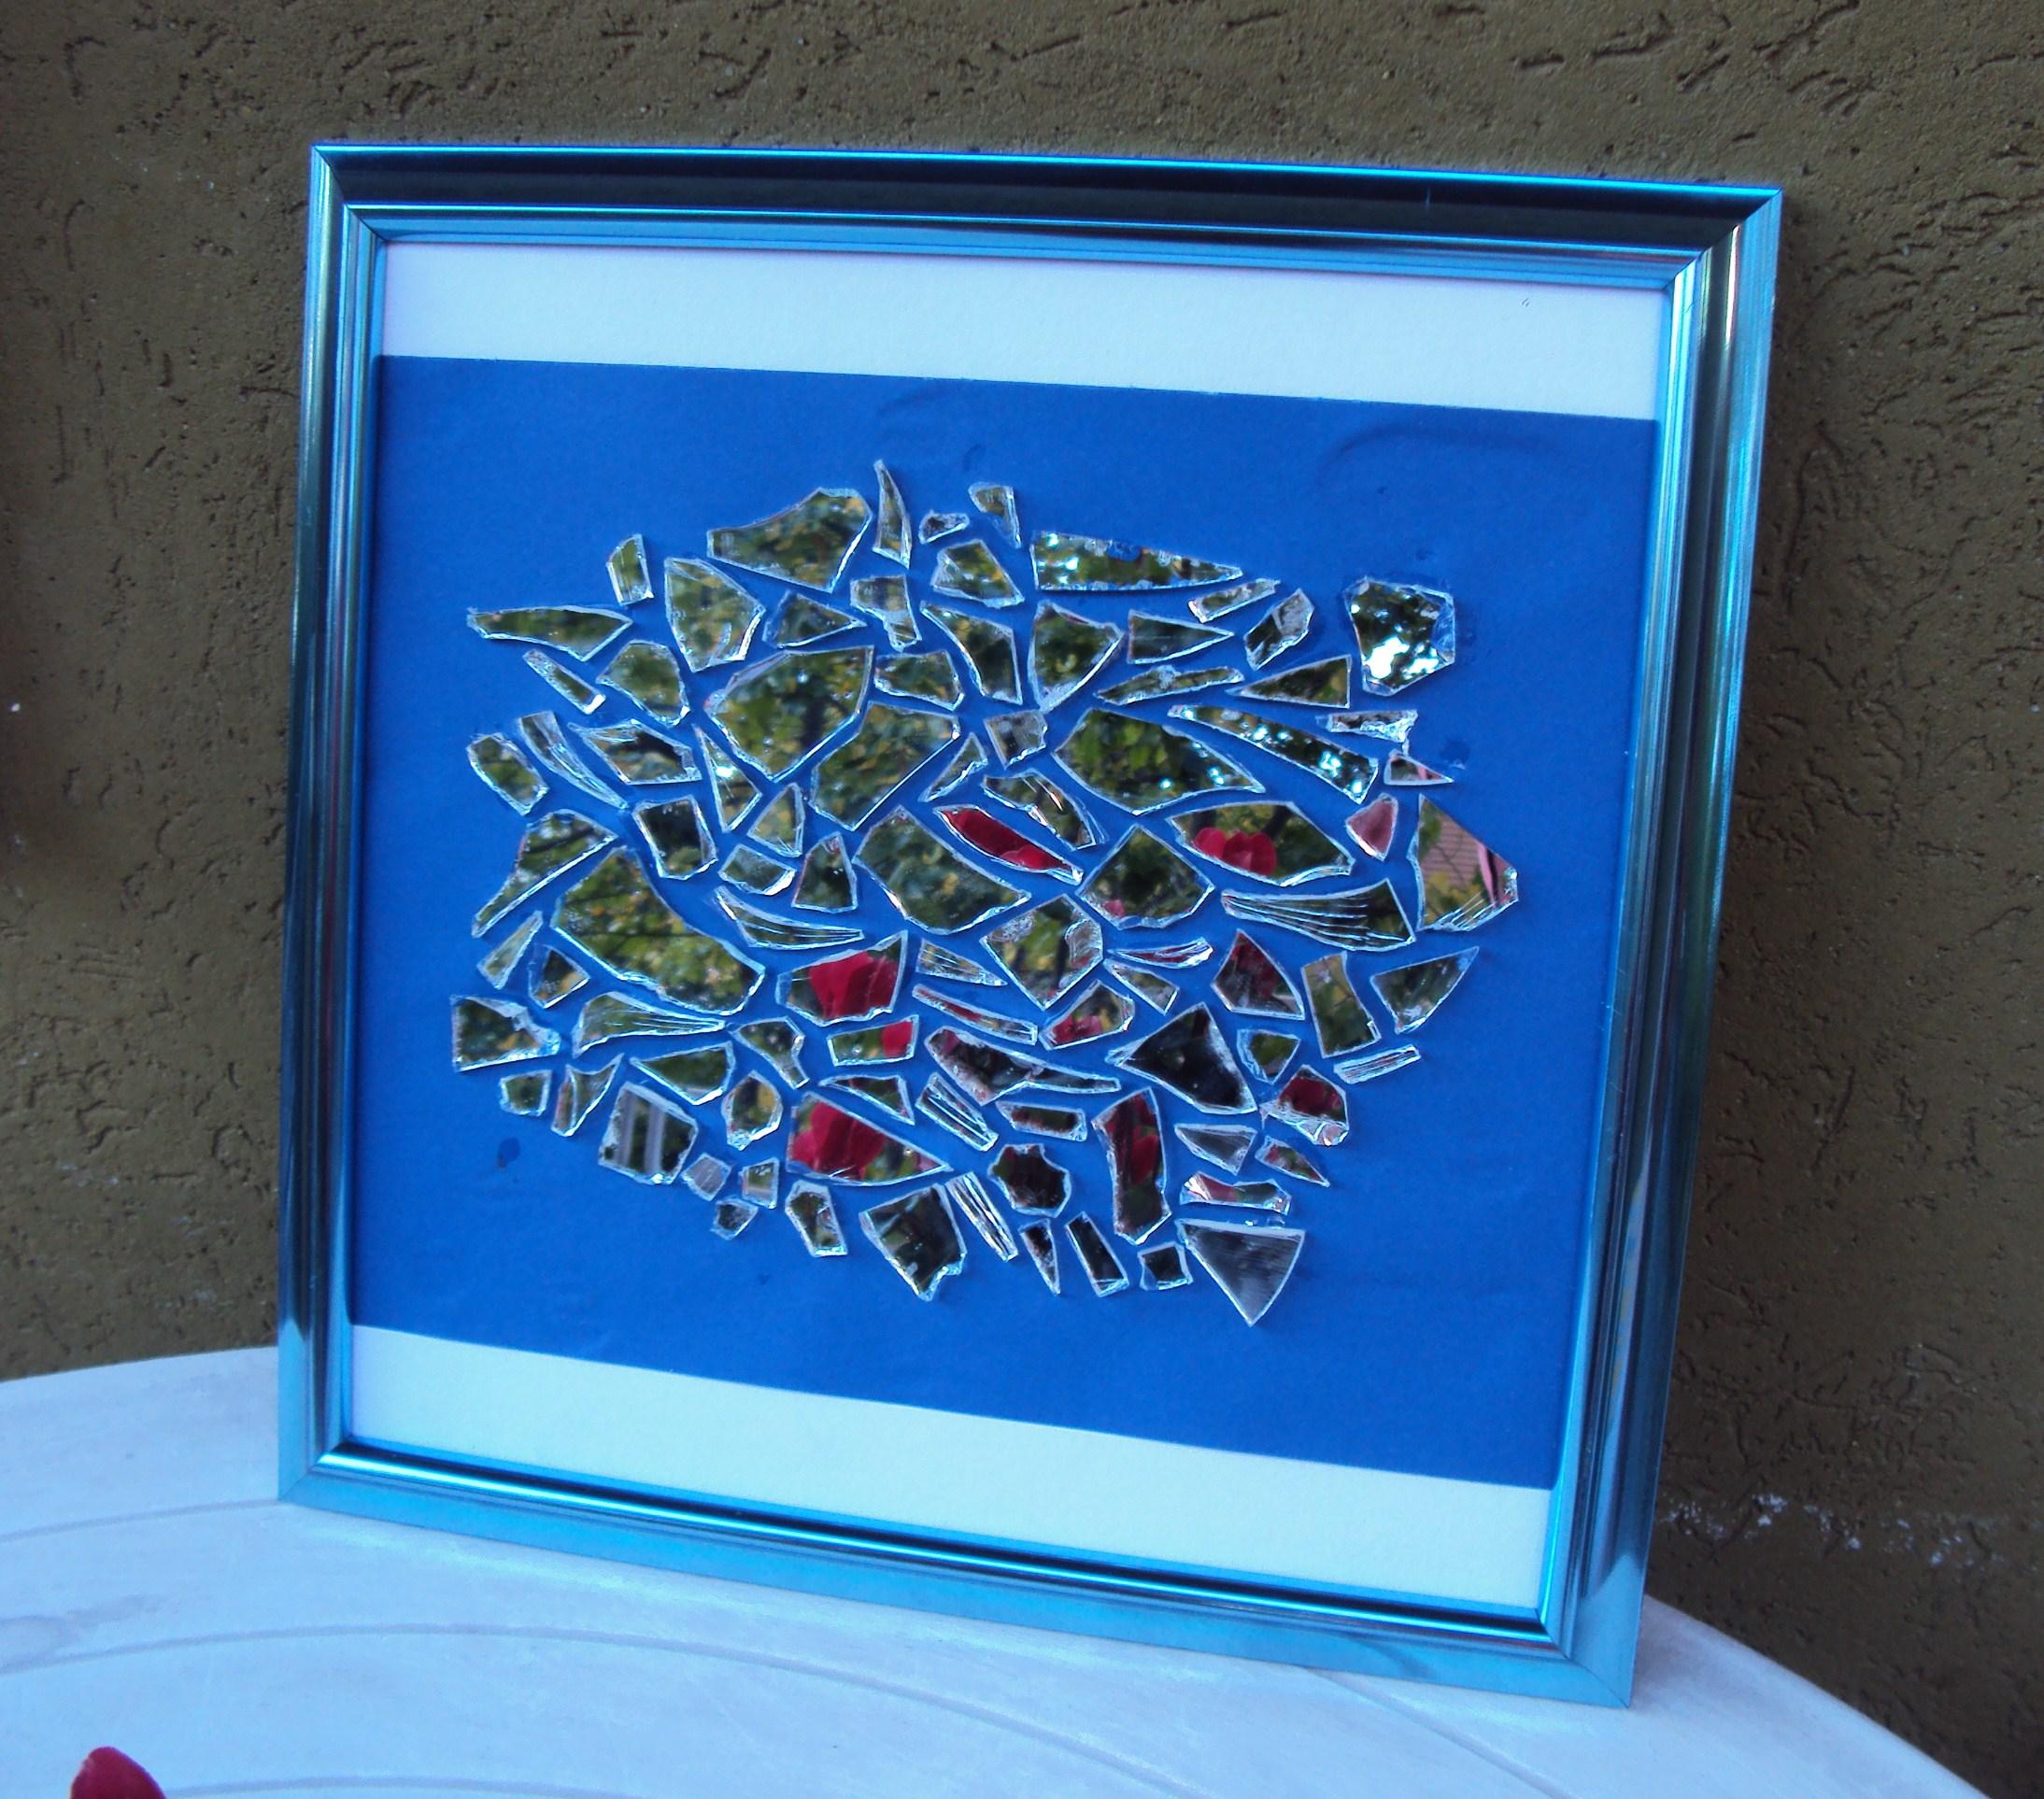 Specchio specchio delle mie brame eightdaysweek - Cosa significa quando si rompe uno specchio ...